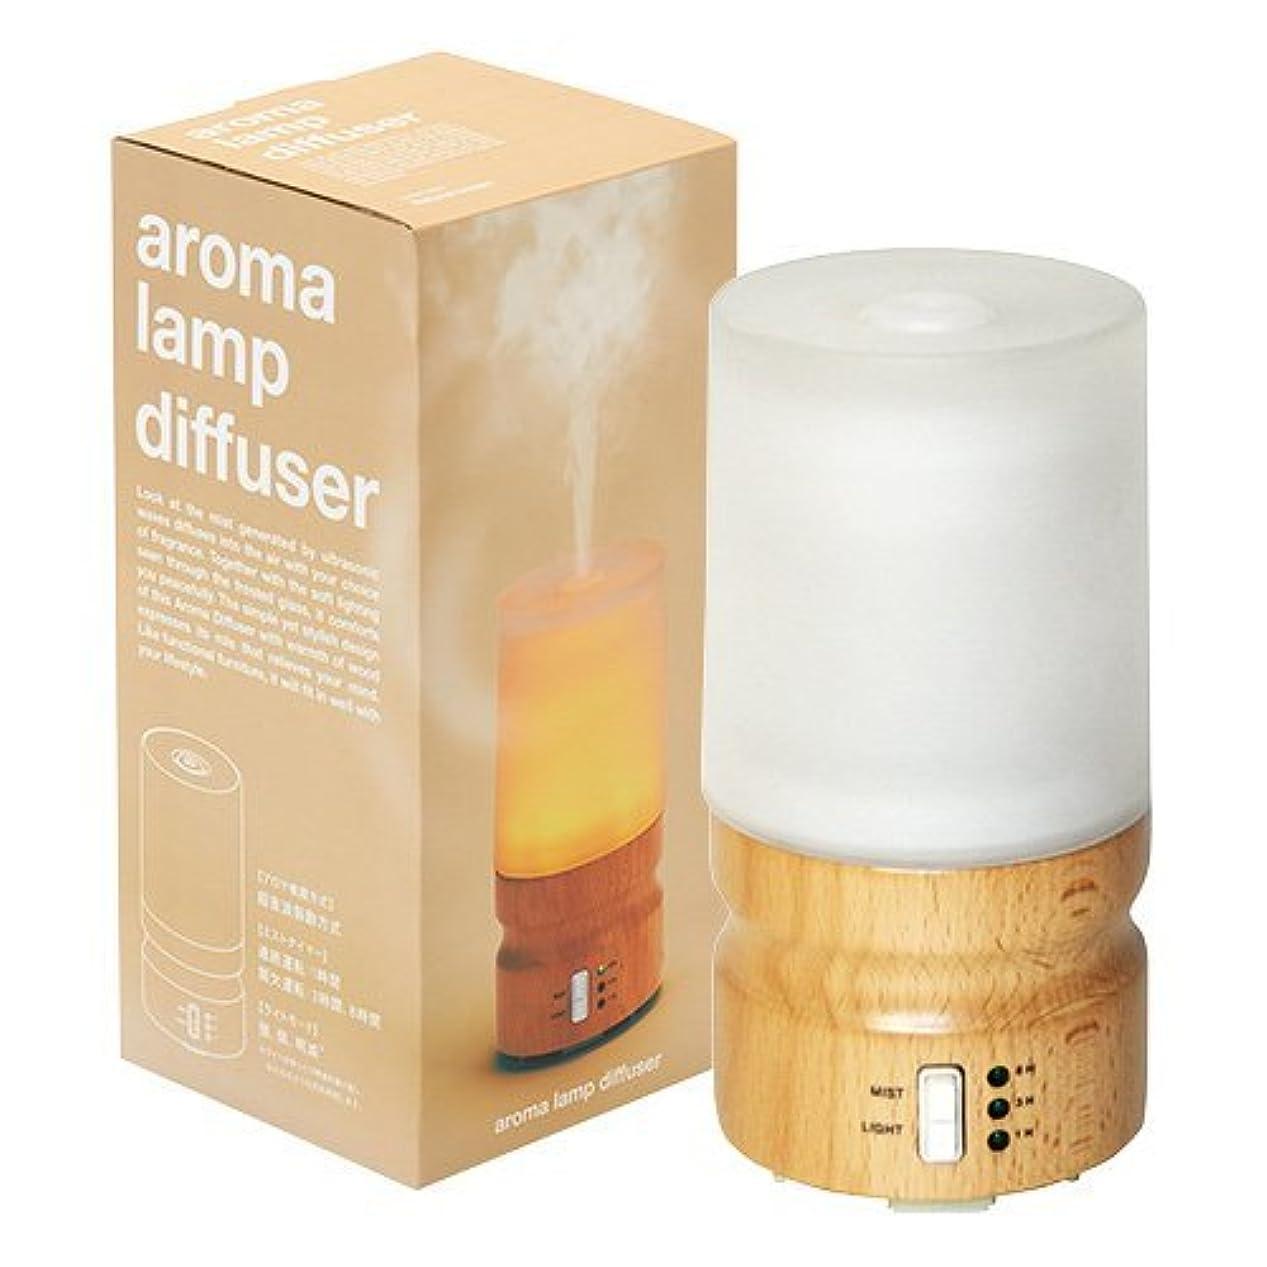 バイナリ窒素ベッドを作るアロマランプディフューザーaroma lamp diffuer【タイマー付】【保証書付(6ヶ月)】【カラー:ナチュラルブラウン】